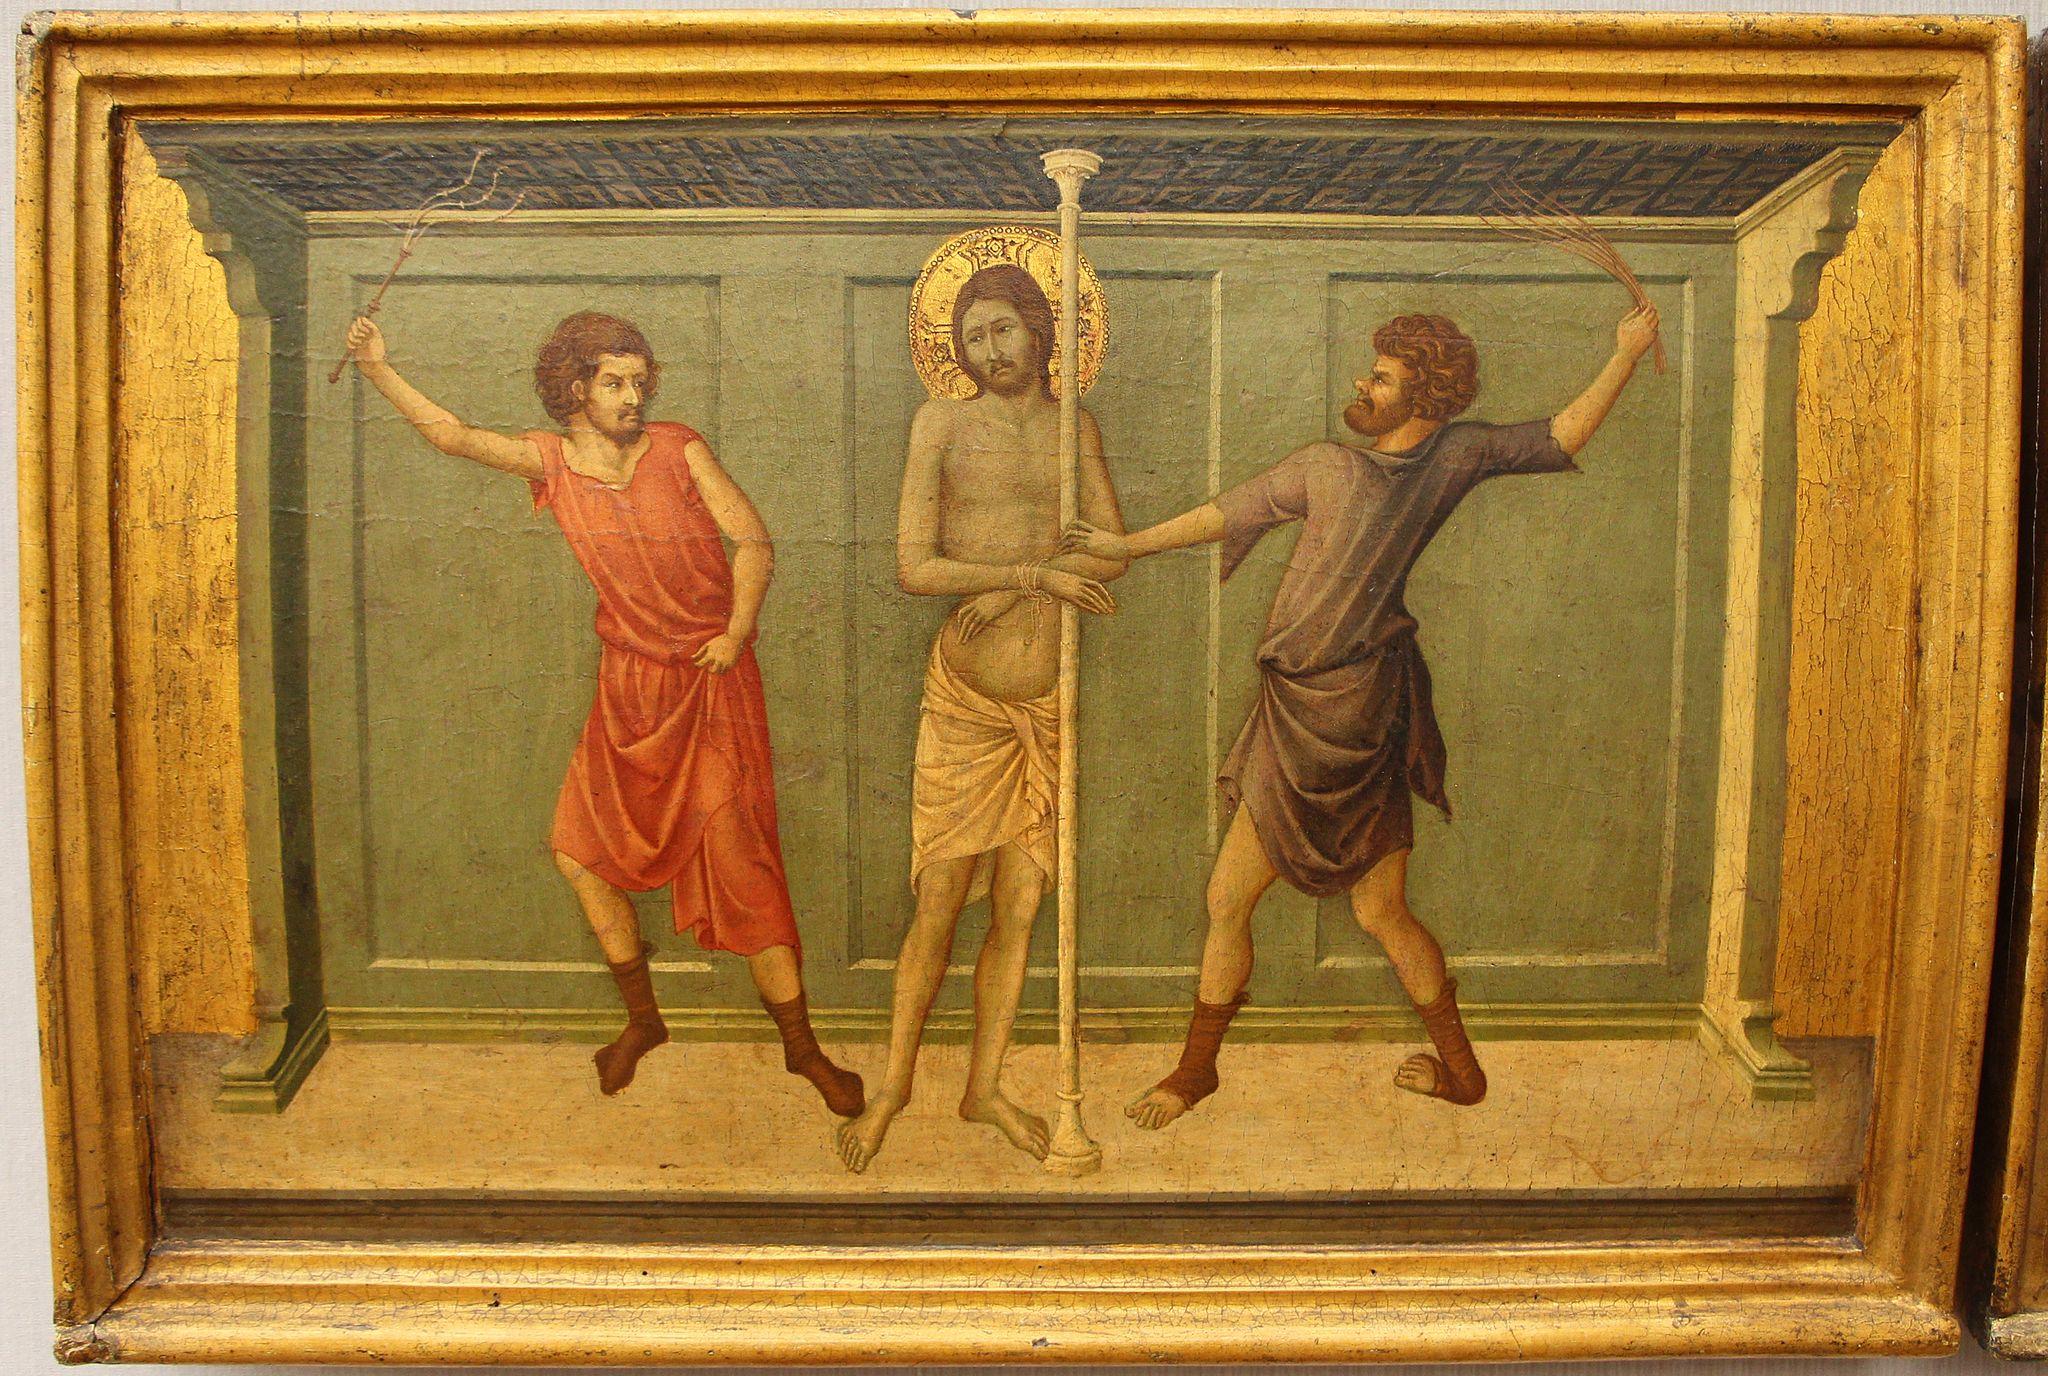 Ugolino di nerio, scomparti di polittico da santa croce a firenze, 1325-35 ca. 02 flagellazione